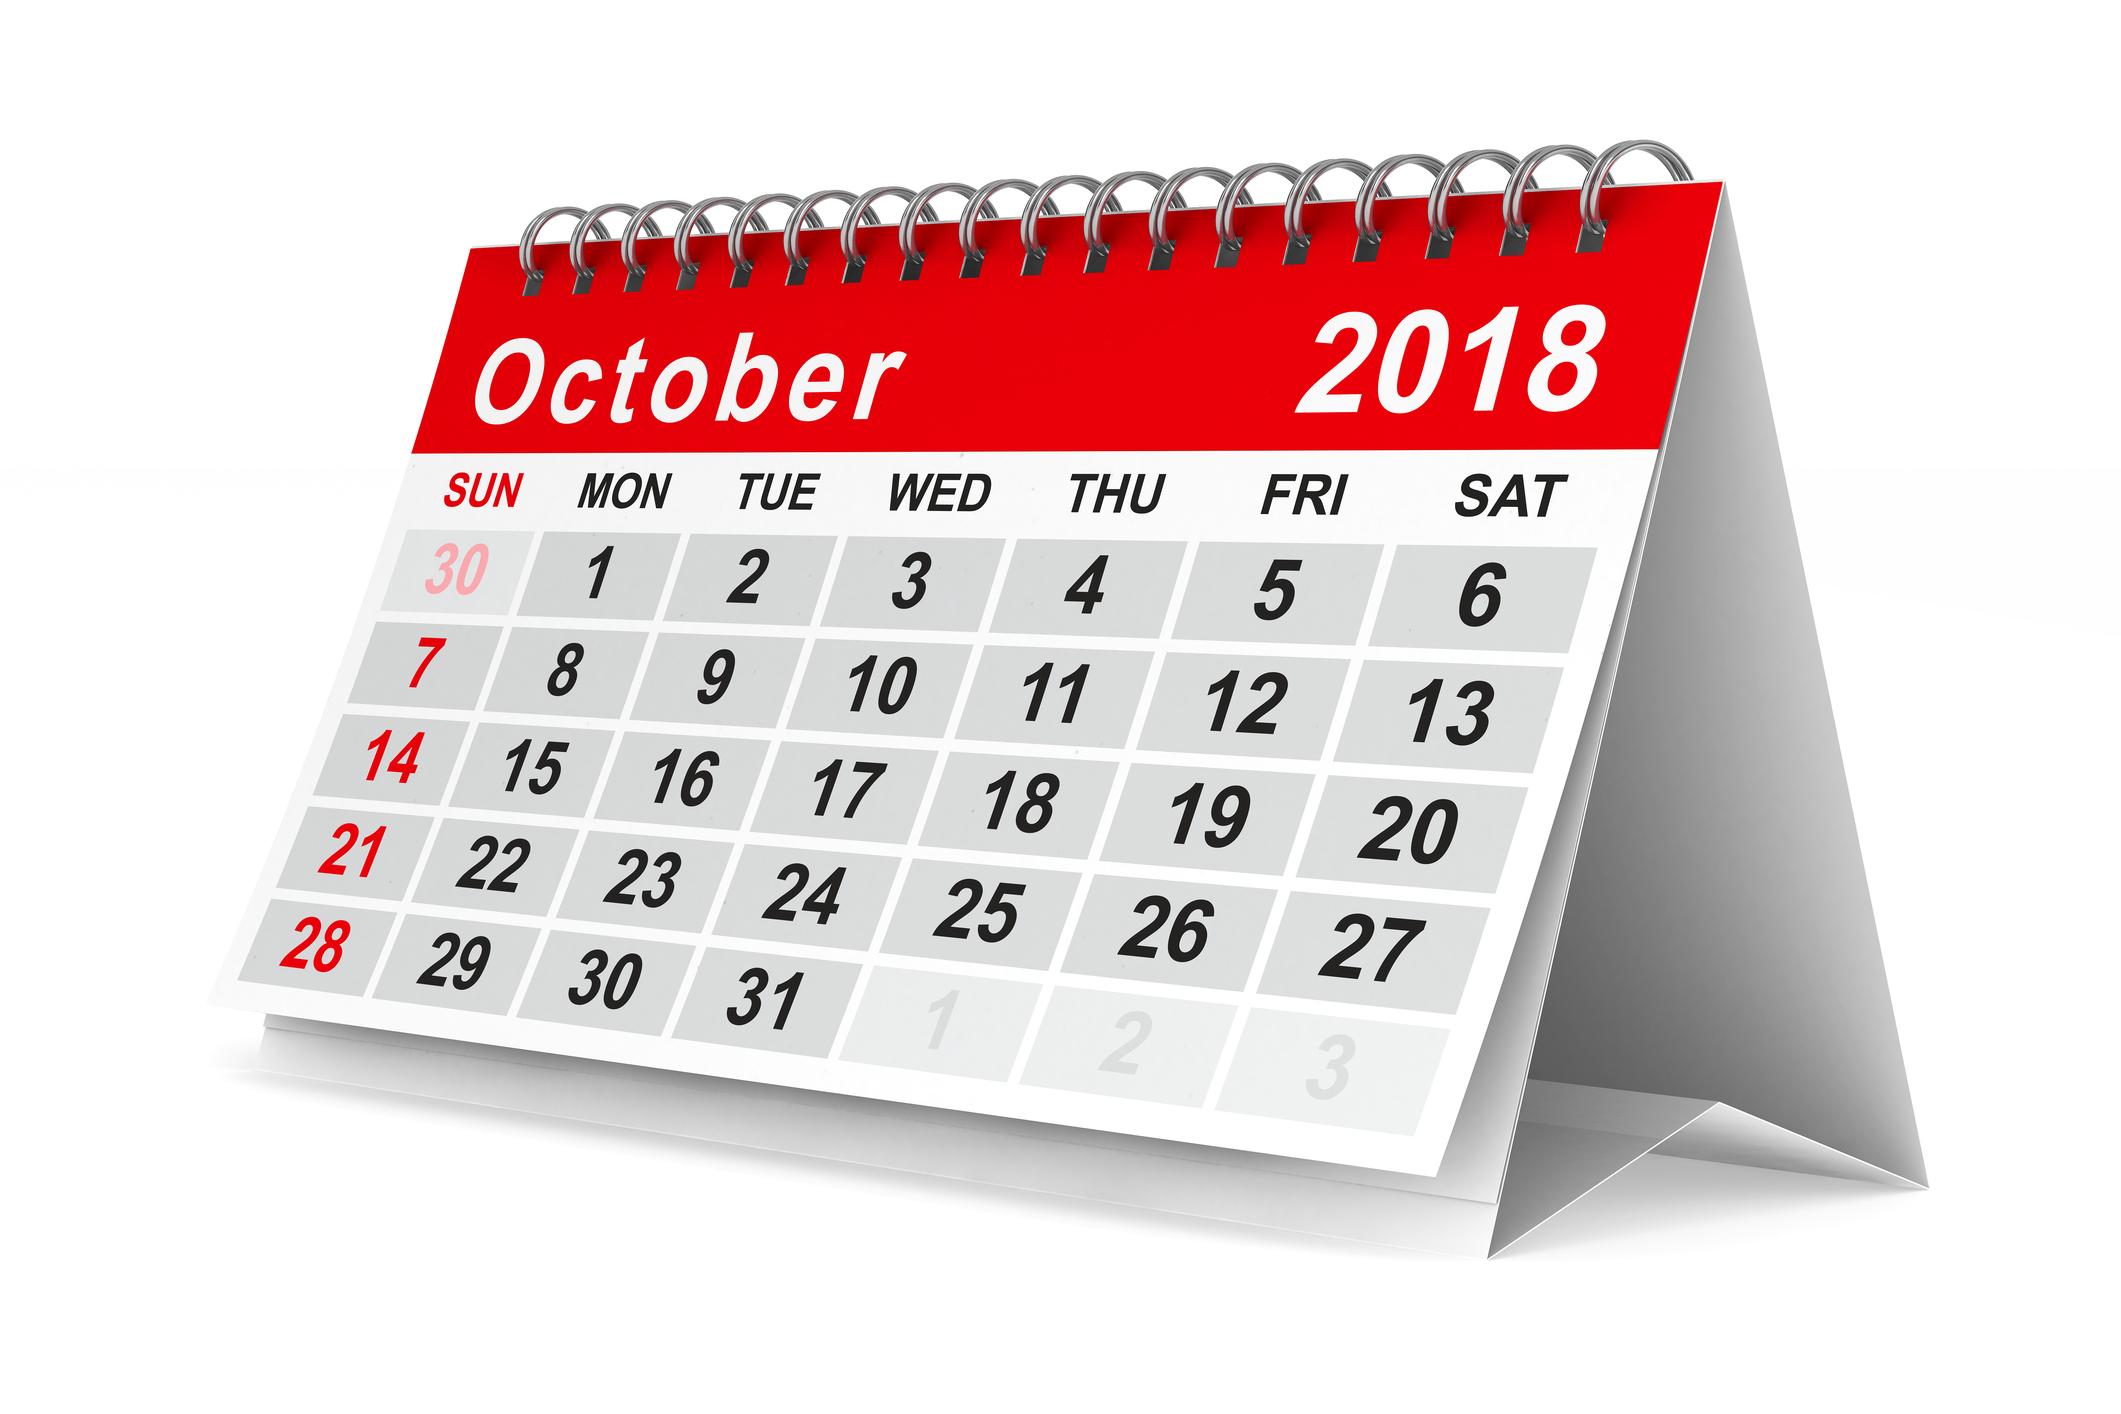 An October 2018 calendar standing on a surface.